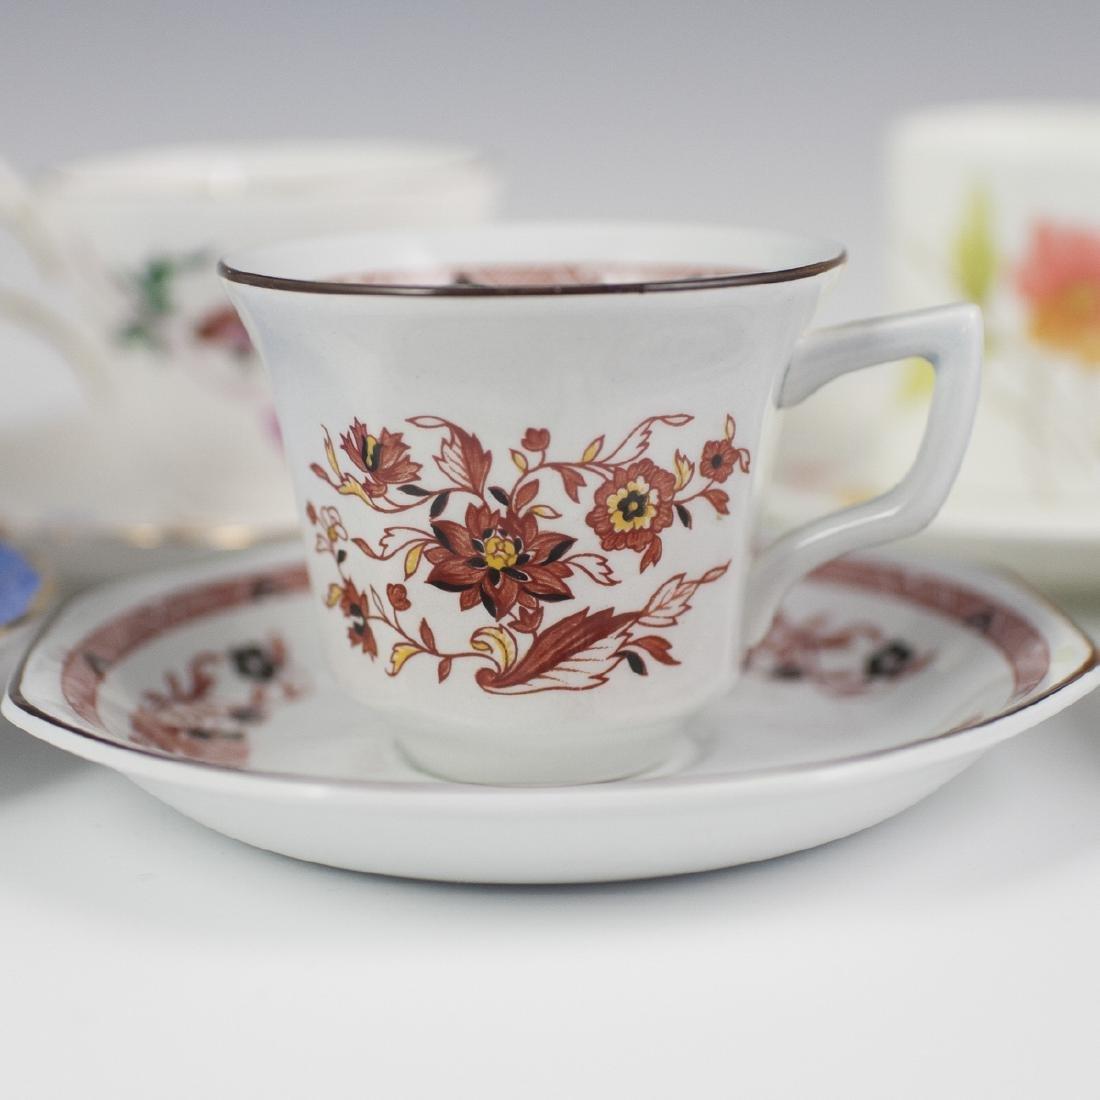 Vintage Porcelain Demitasse Cups - 4